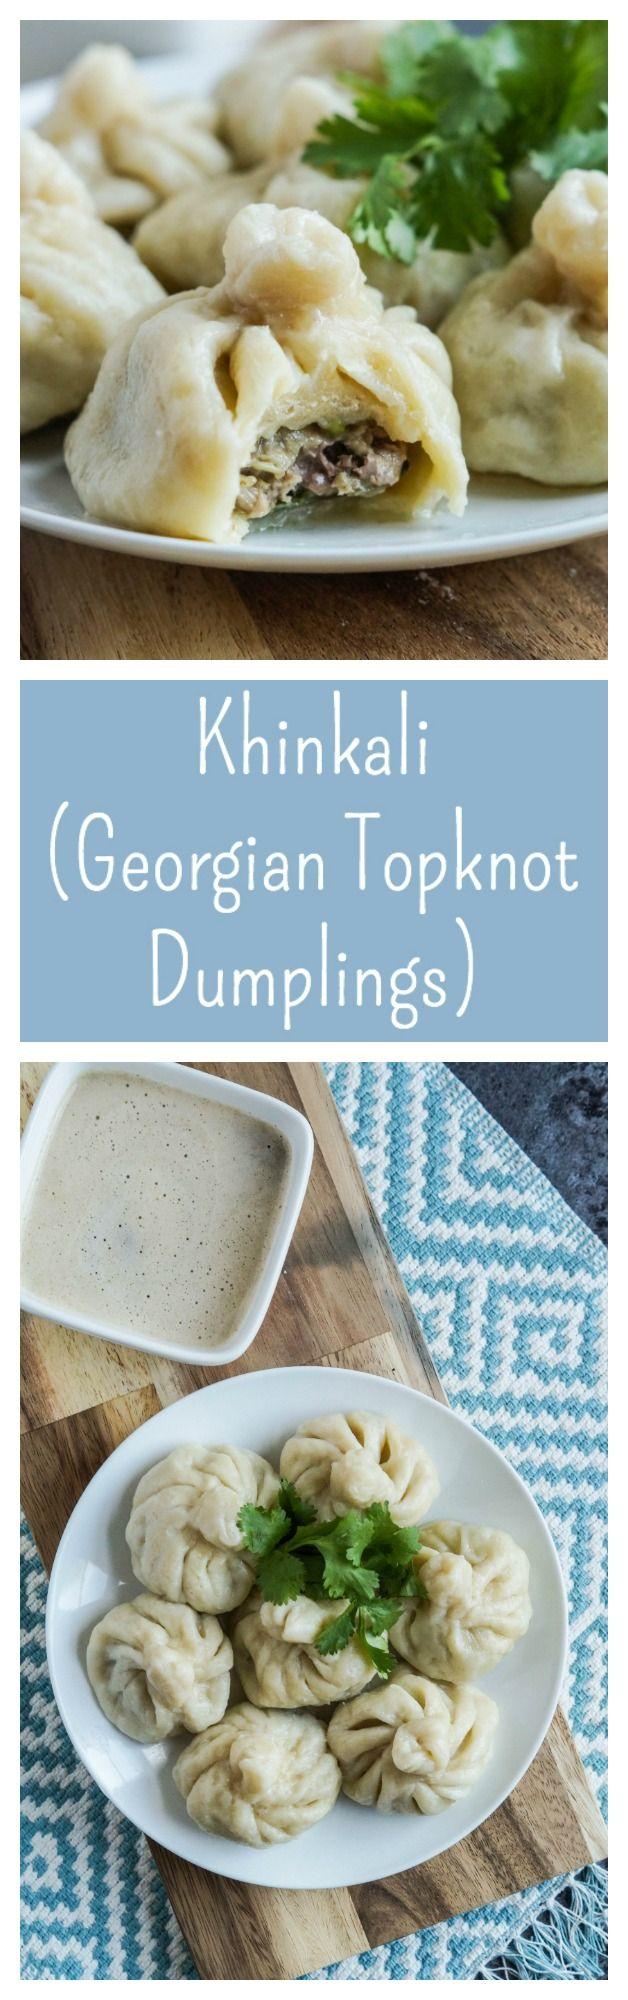 khinkali-georgian-topknot-dumplings